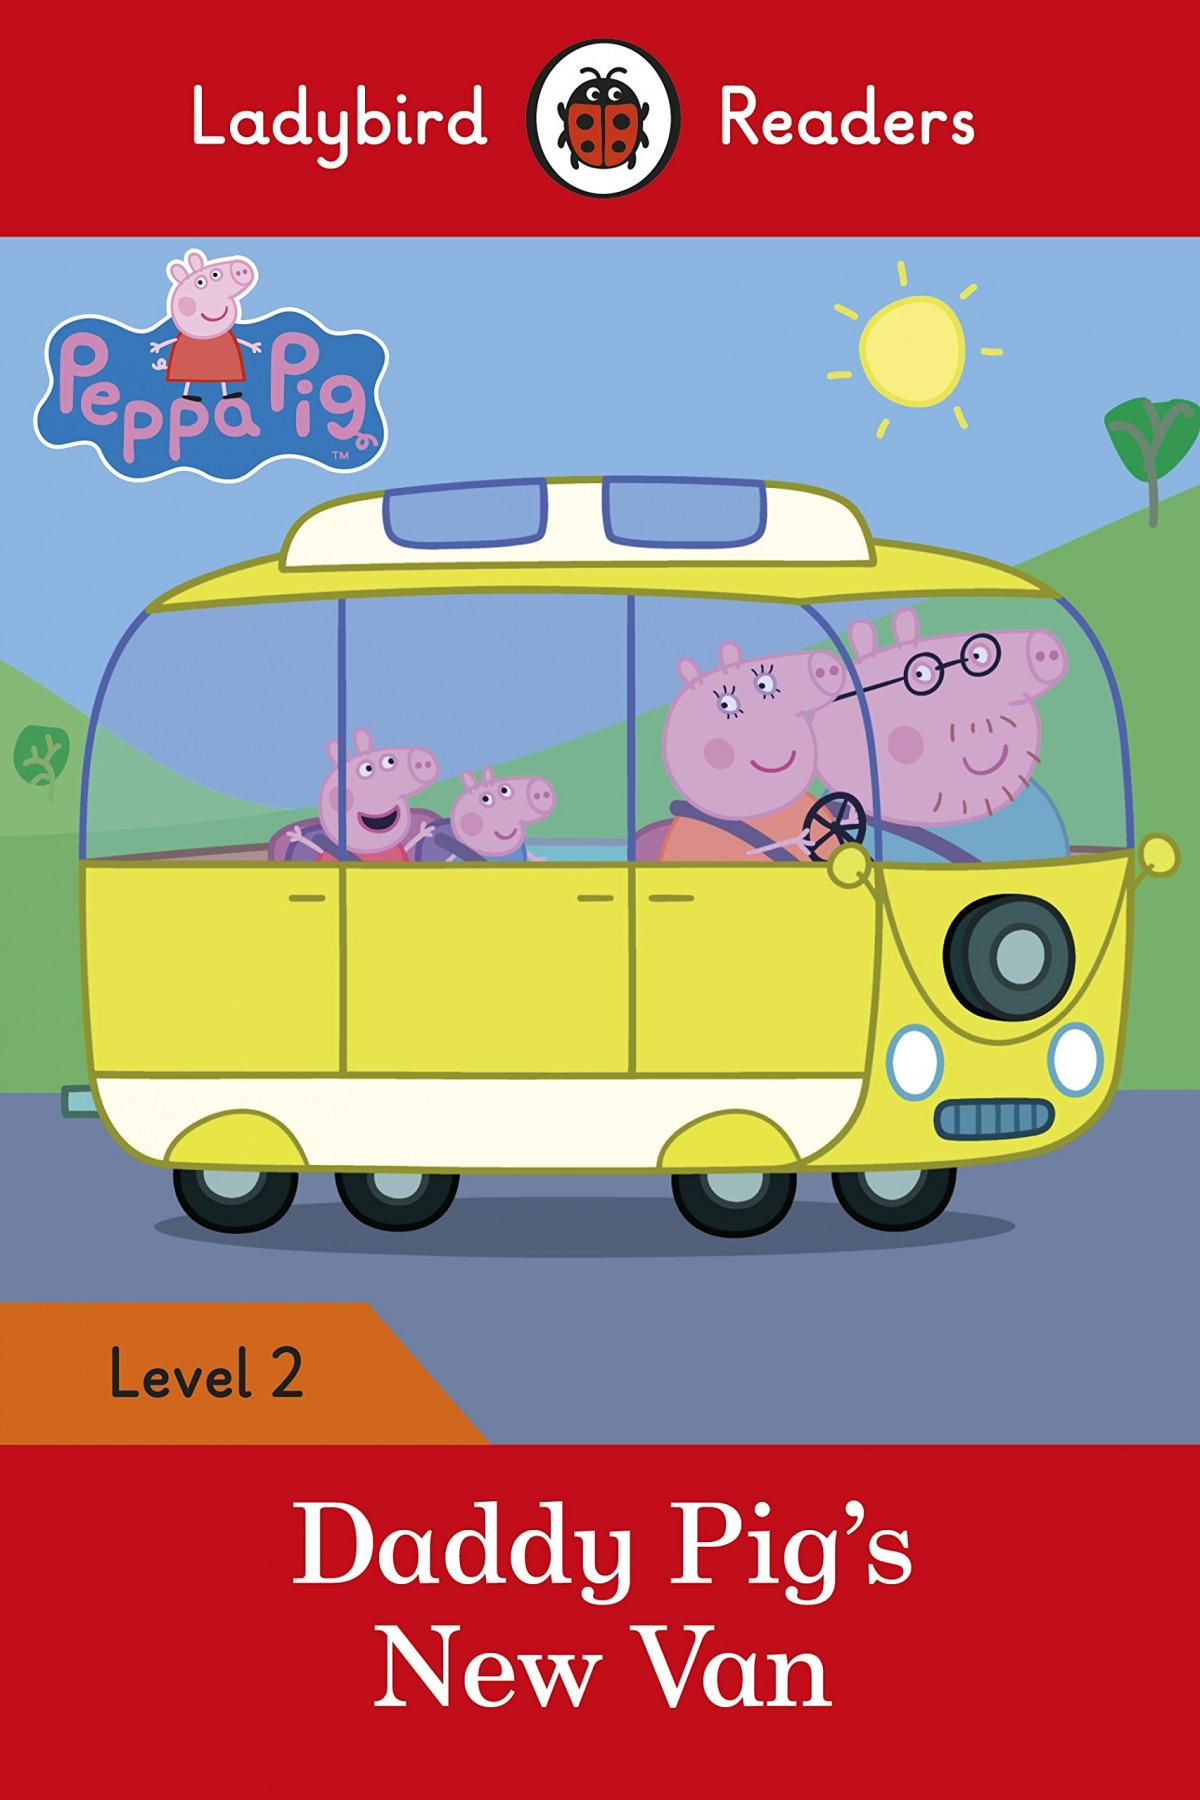 DADDY PIG'S NEW VAN. PEPPA PIG